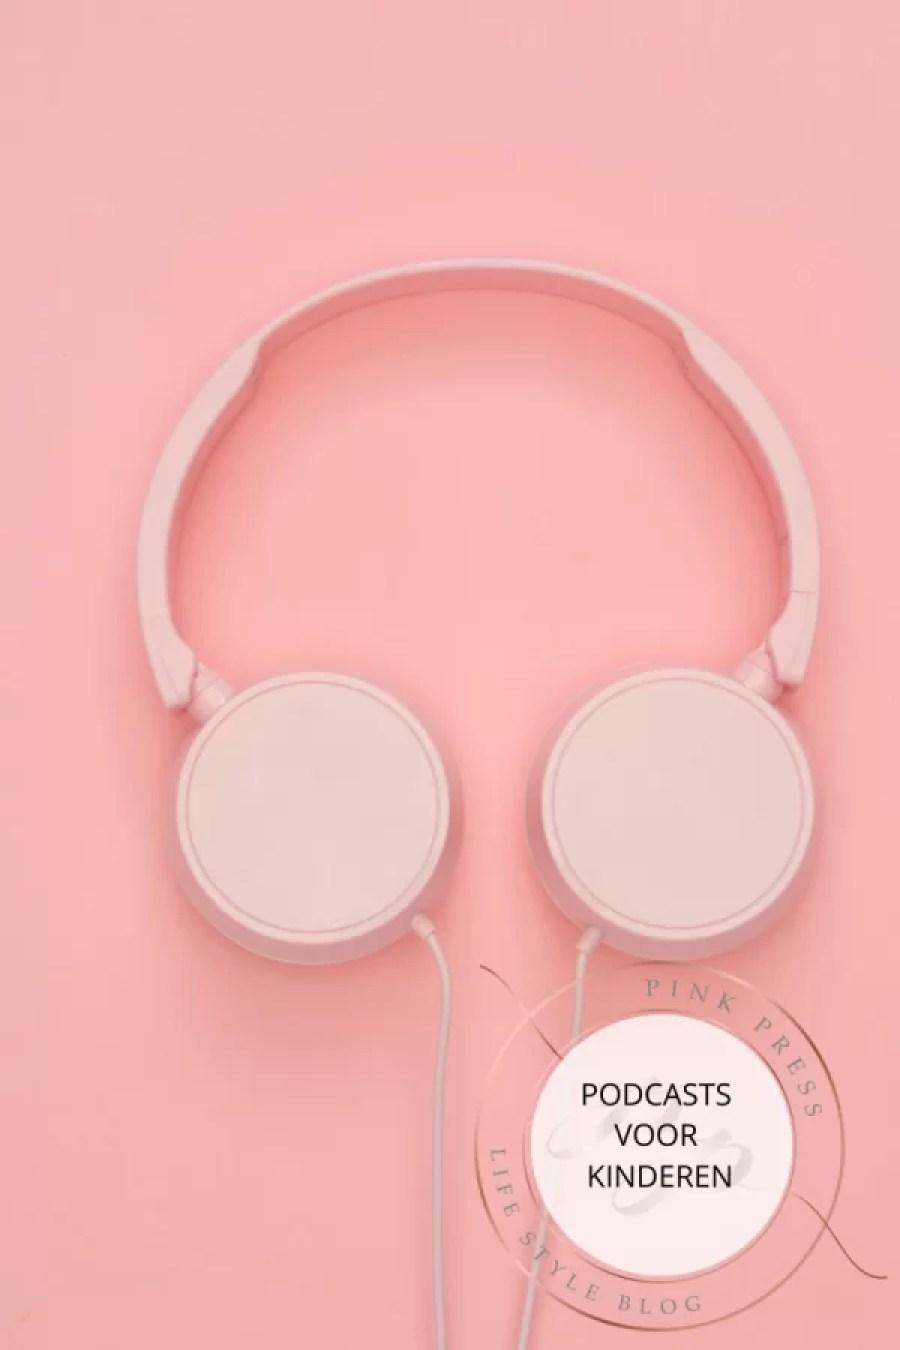 podcasts voor kinderen - De 5 leukste podcasts voor kinderen